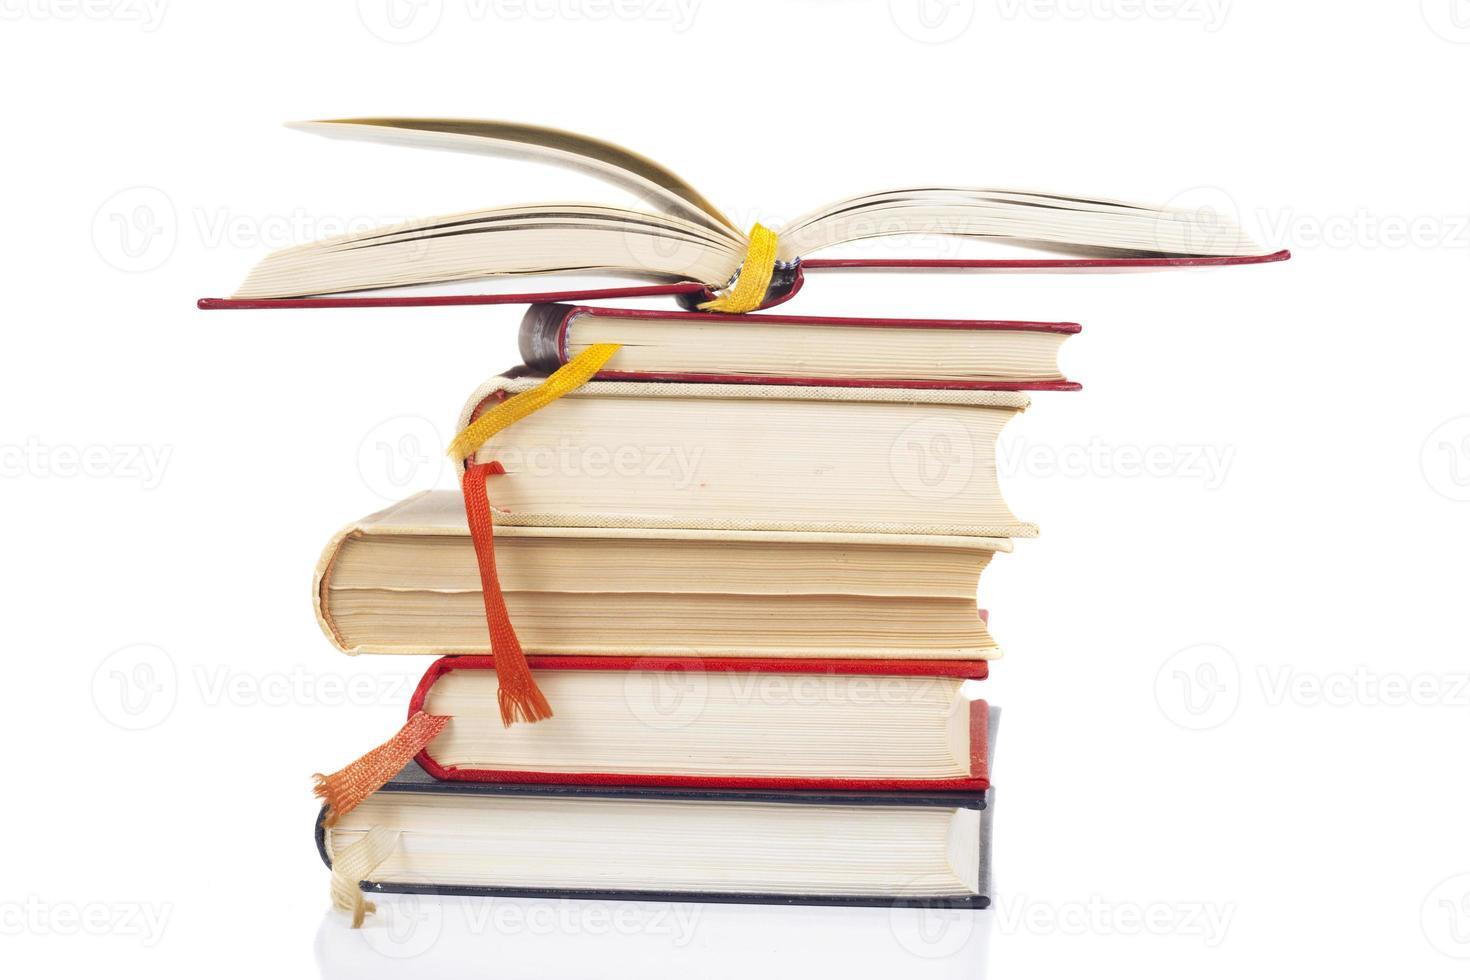 stapel en open boek foto